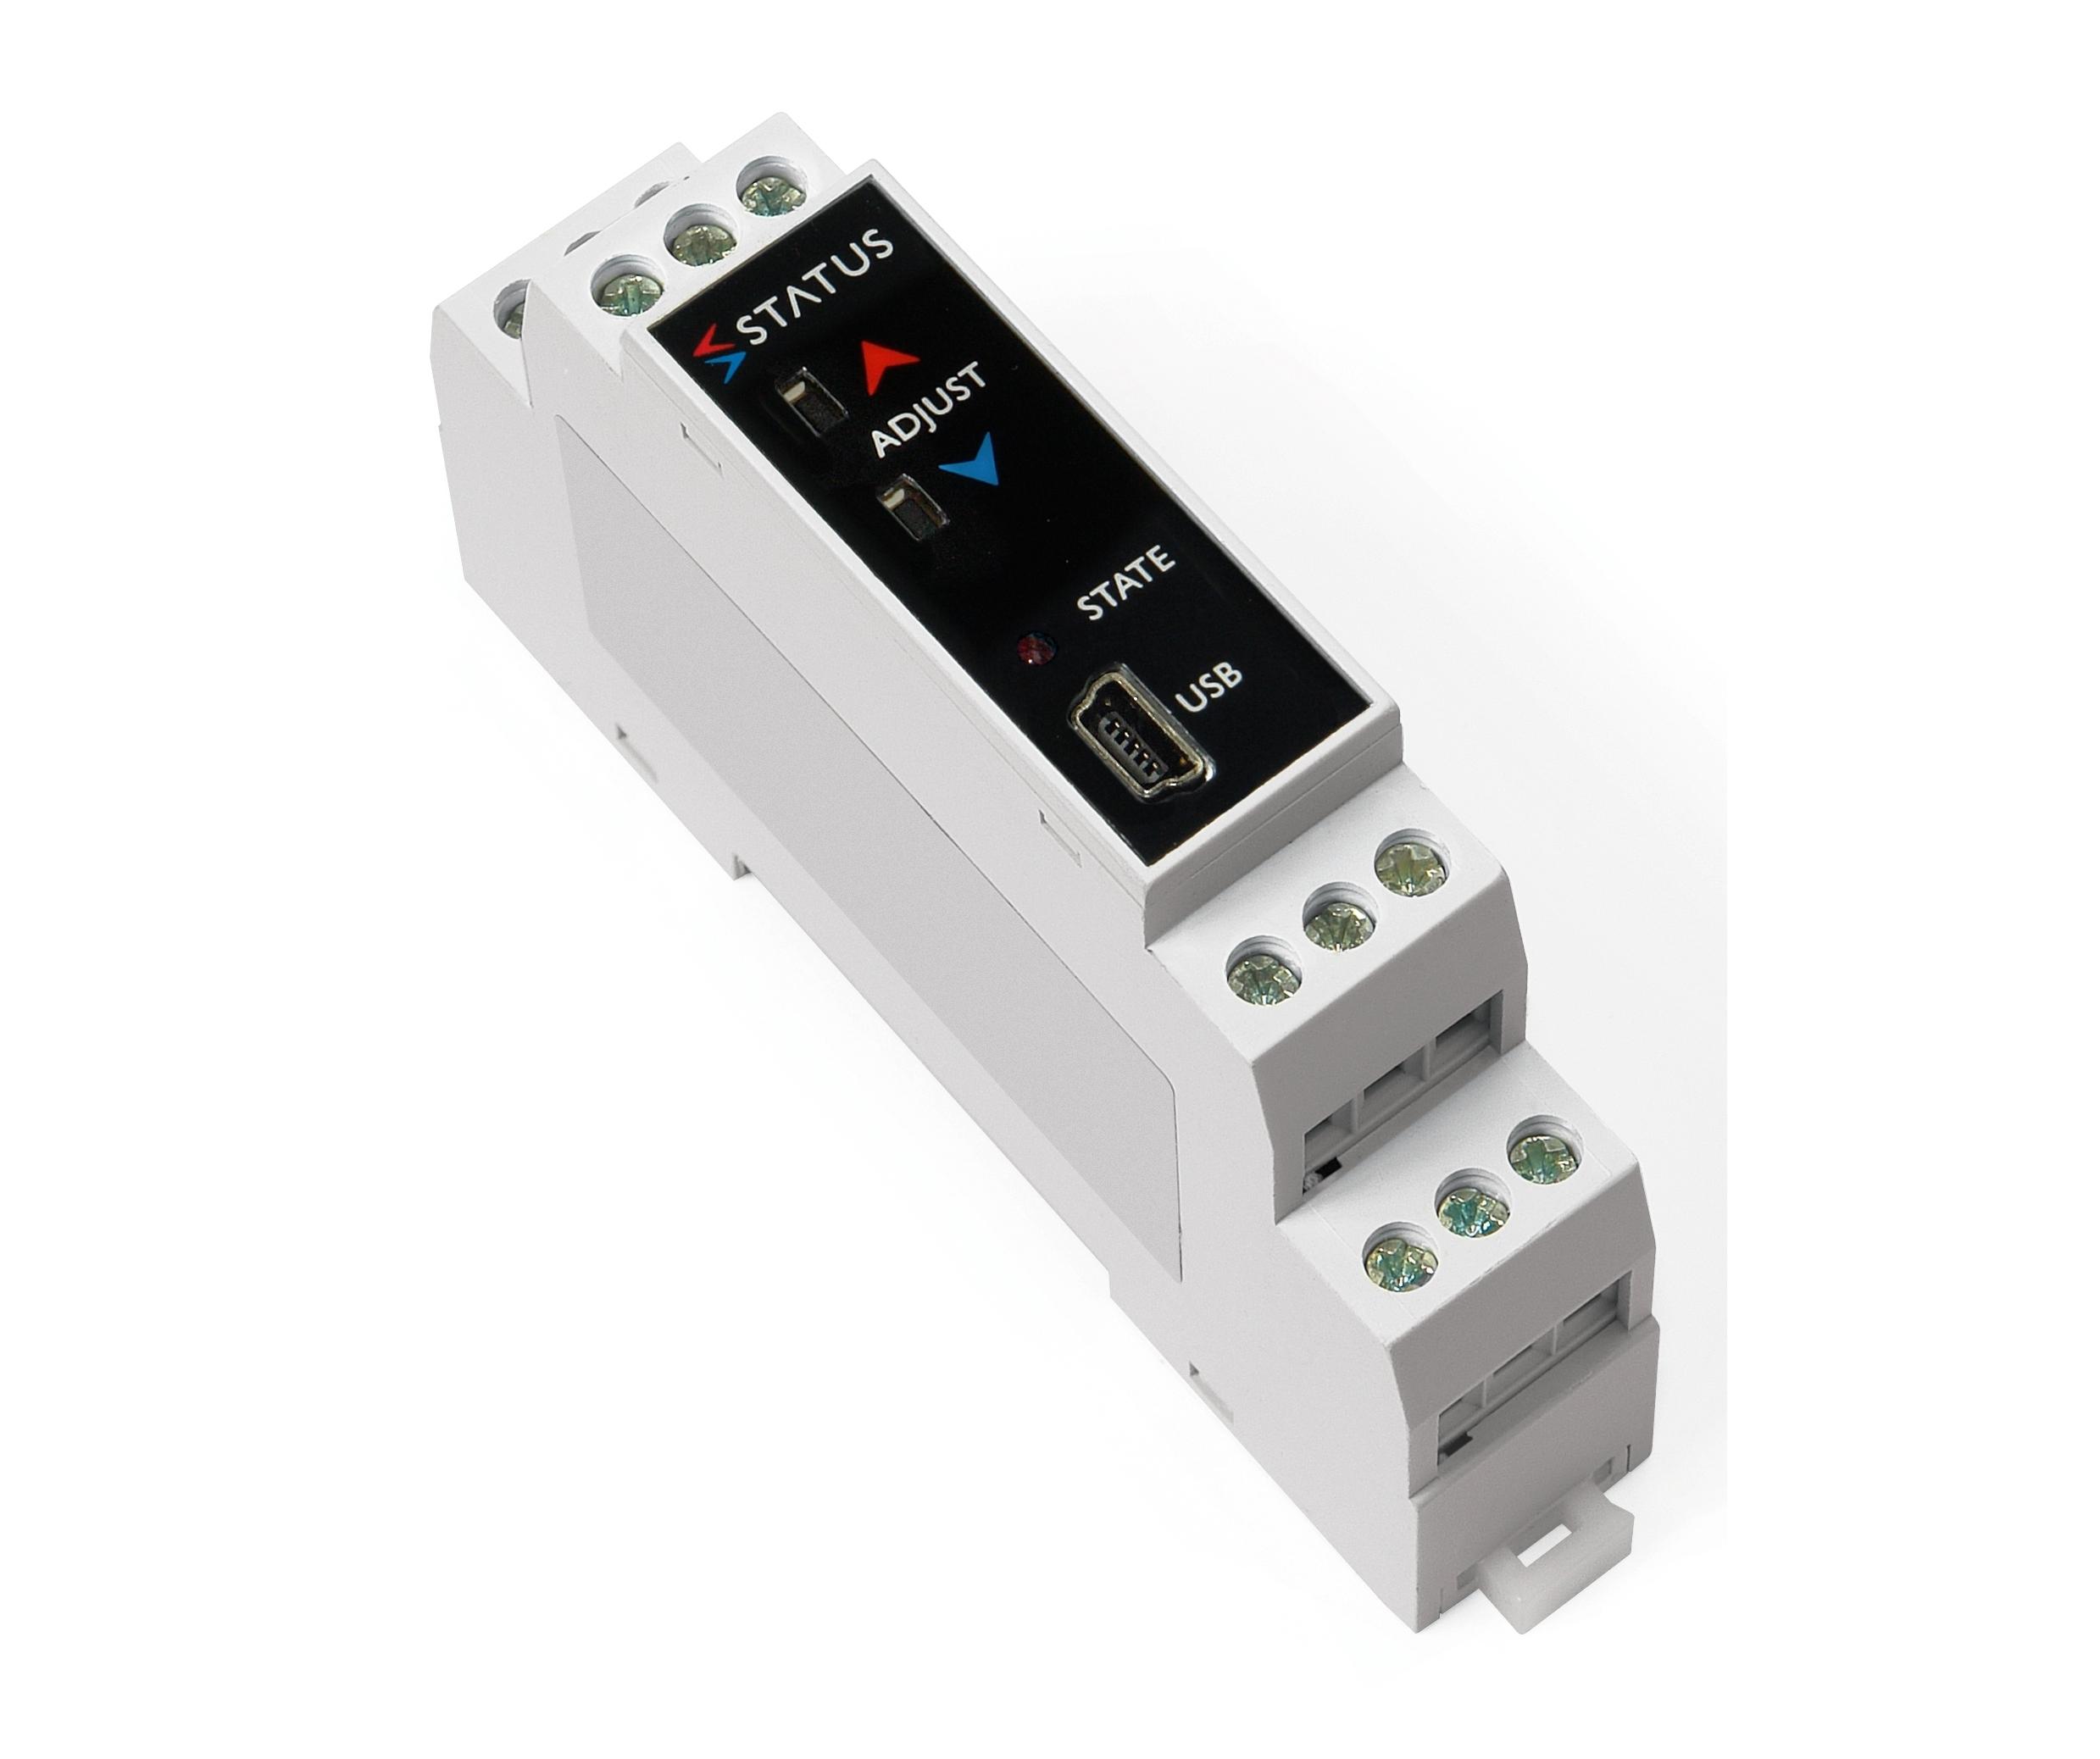 SEM1610 Programmabile Pt100, termocoppie, mV e mA passiva.